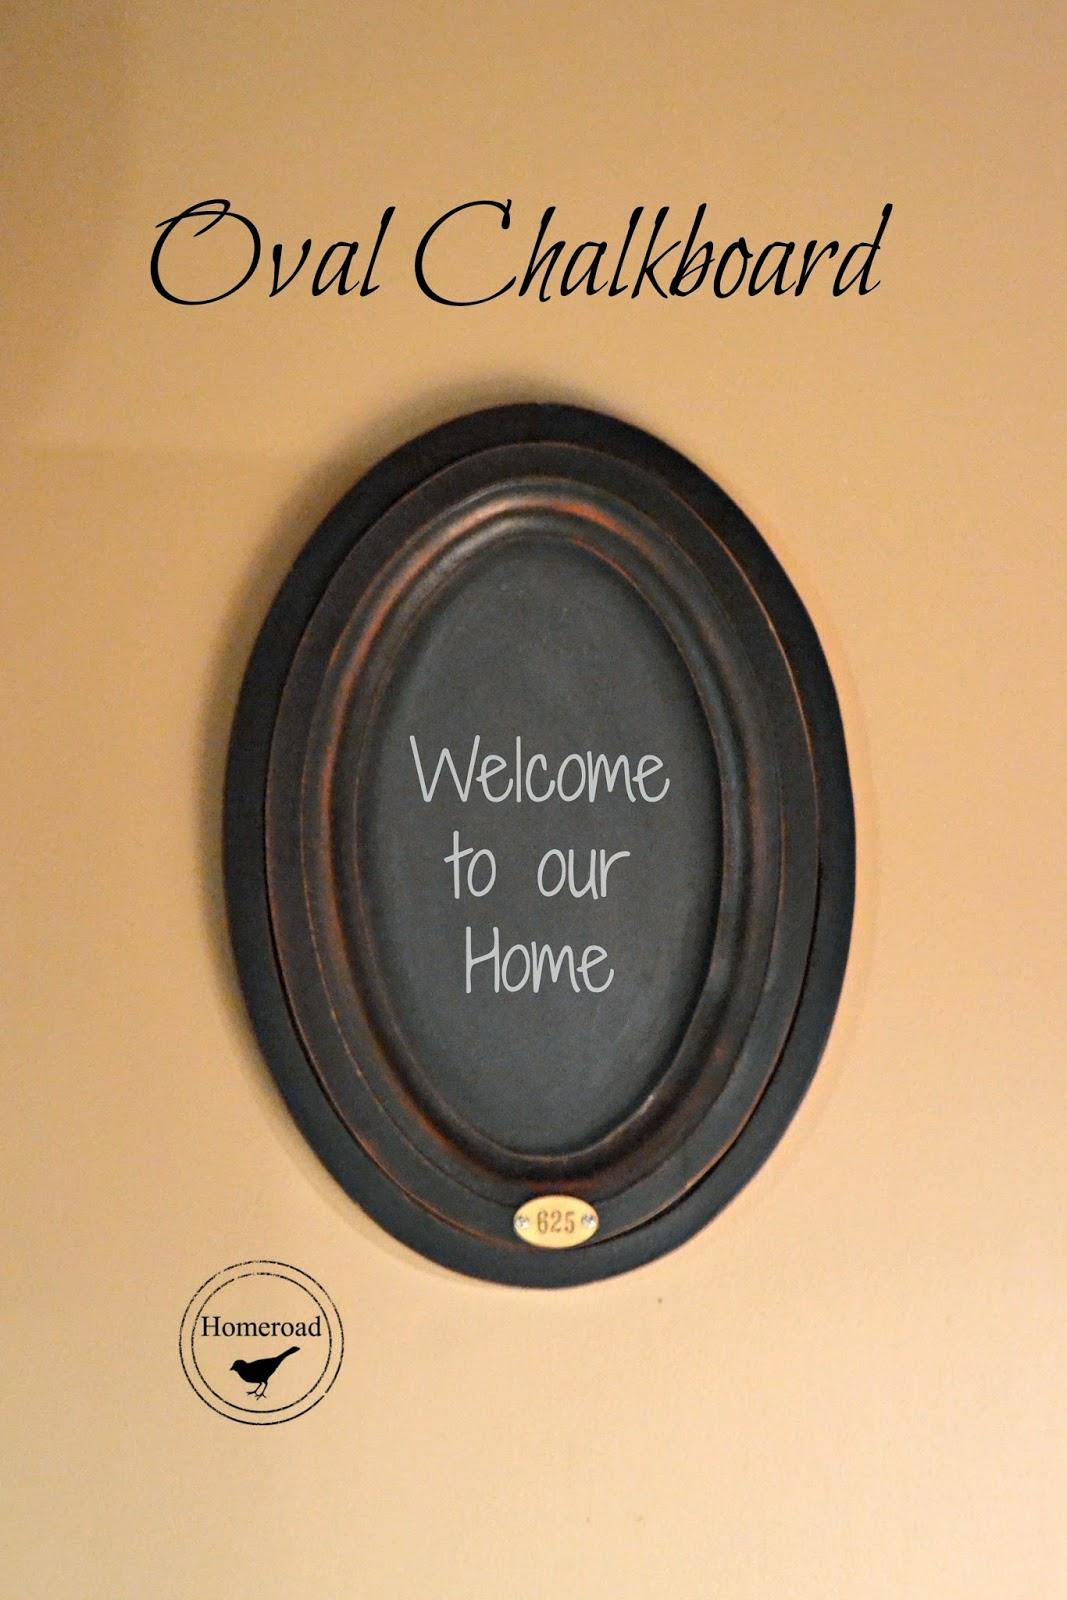 oval chalkboard with metal tag www.homeroad.net